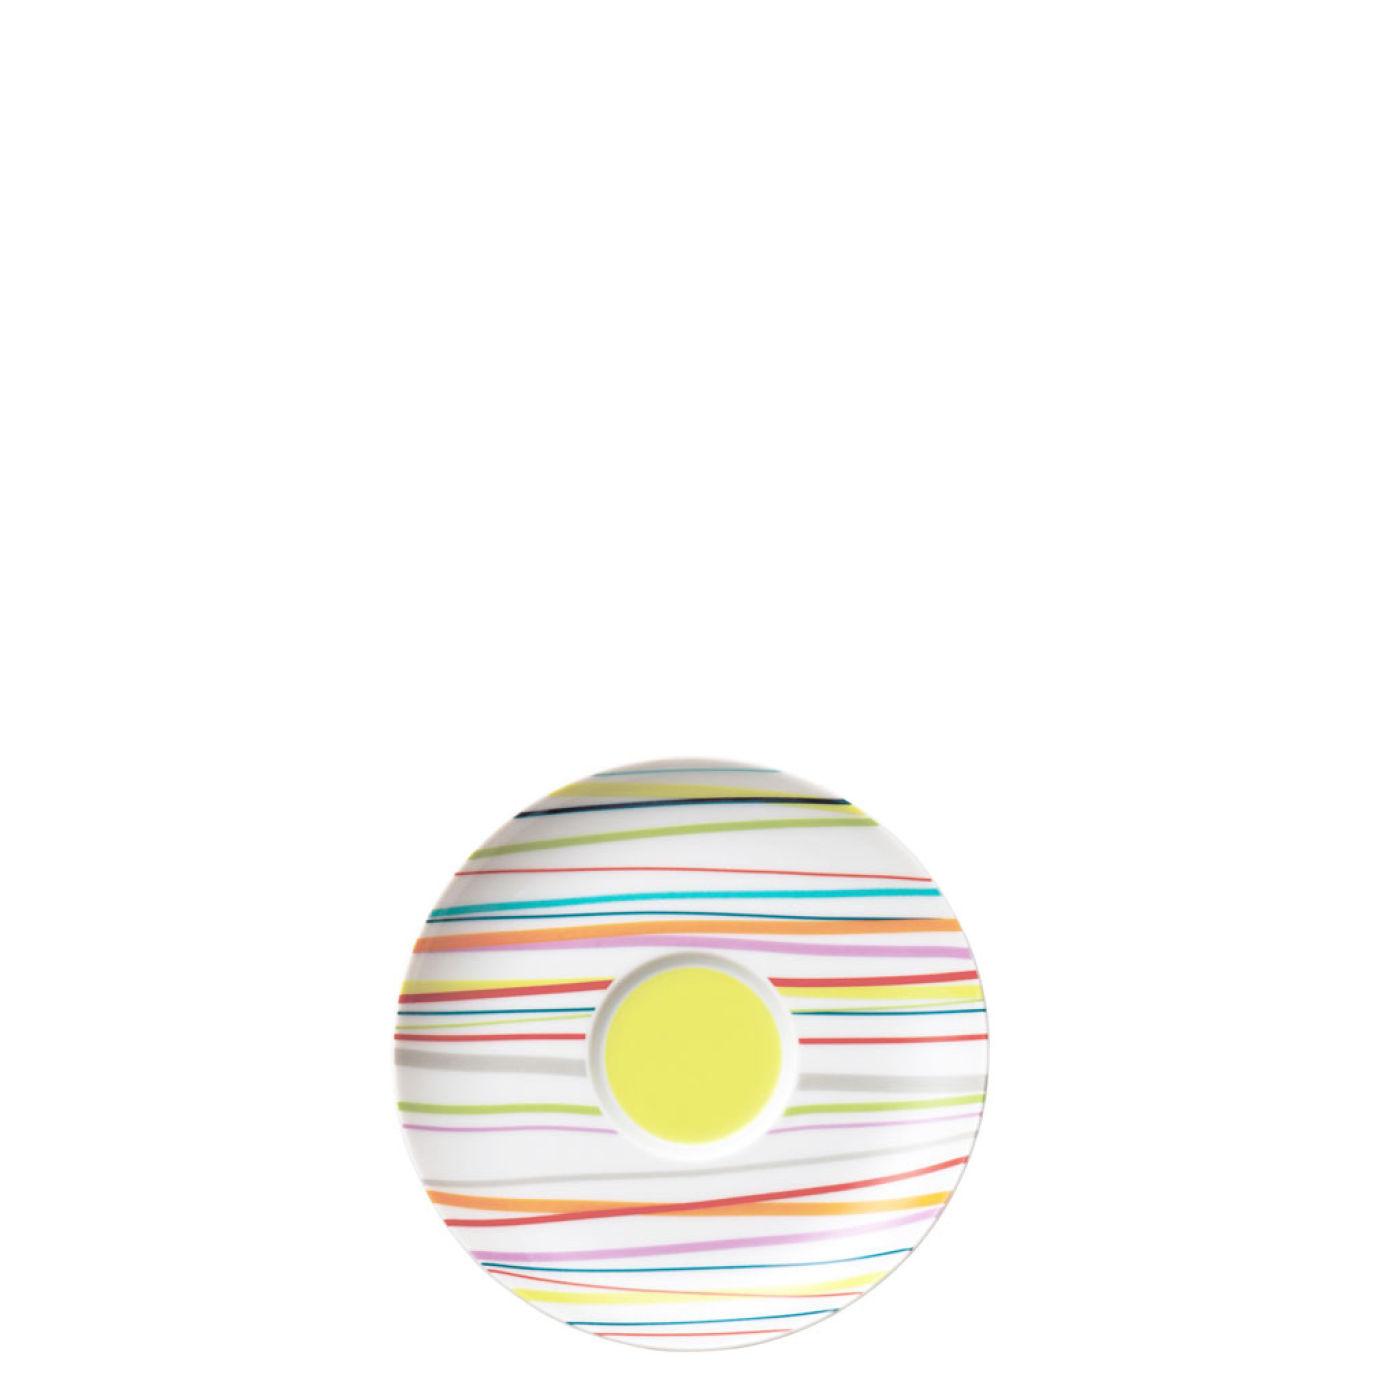 Набор столовый на 2 персоны Rosenthal SUNNY DAY, белый с цветными полосками, 10 предметов Rosenthal 10850-408715-28010 фото 4